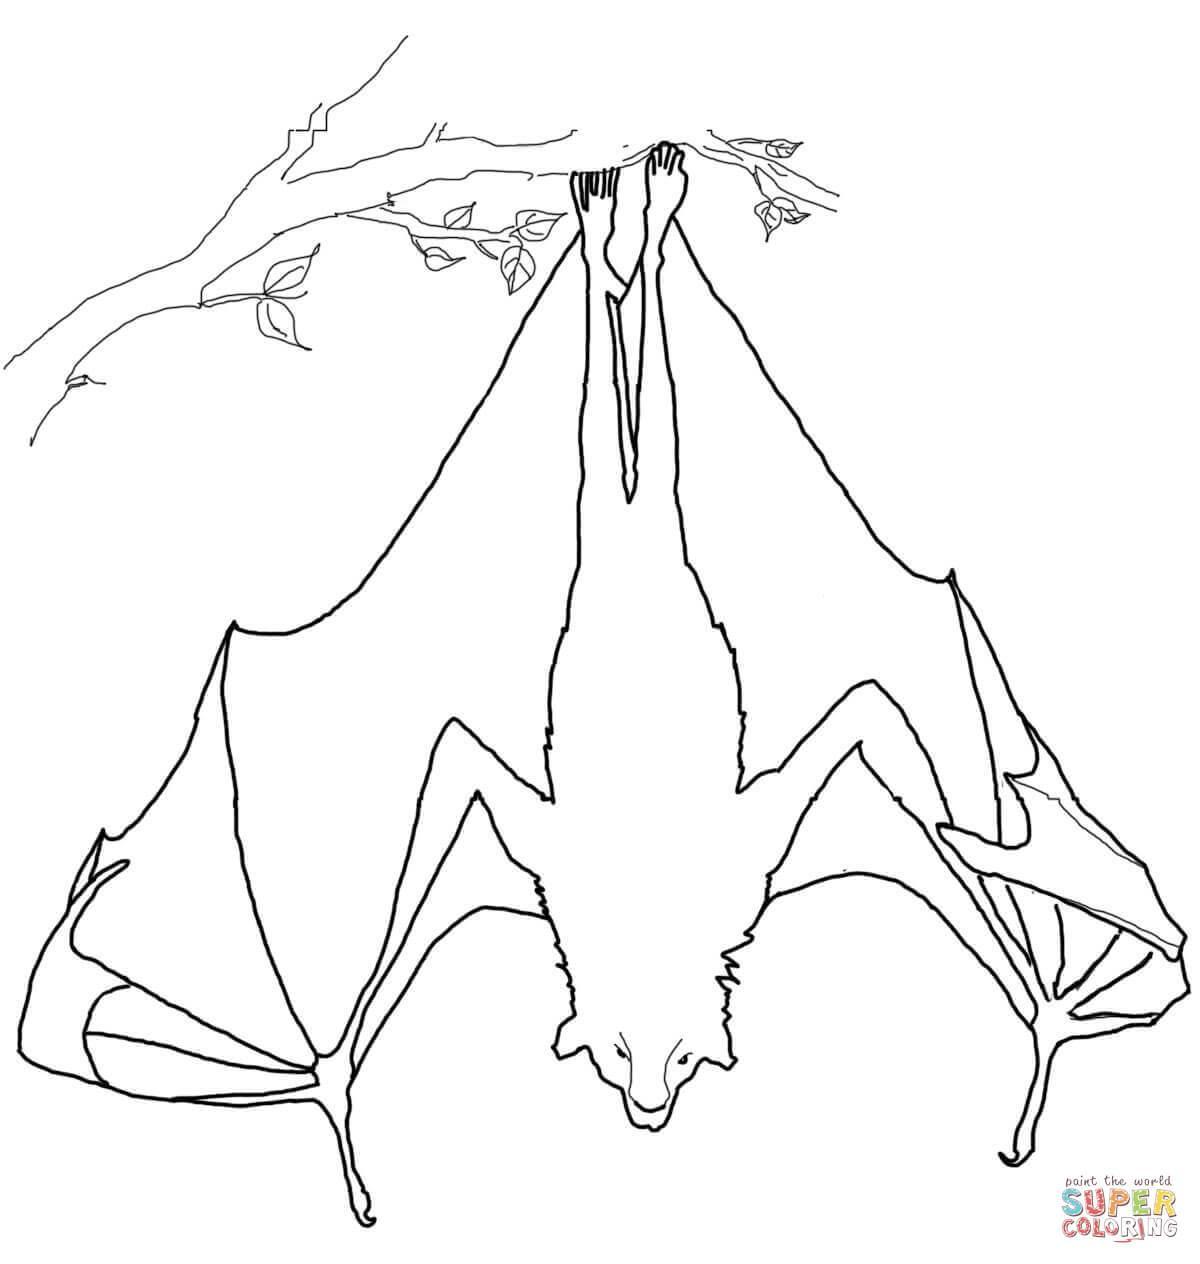 Upside Down Drawing Worksheet At Getdrawings